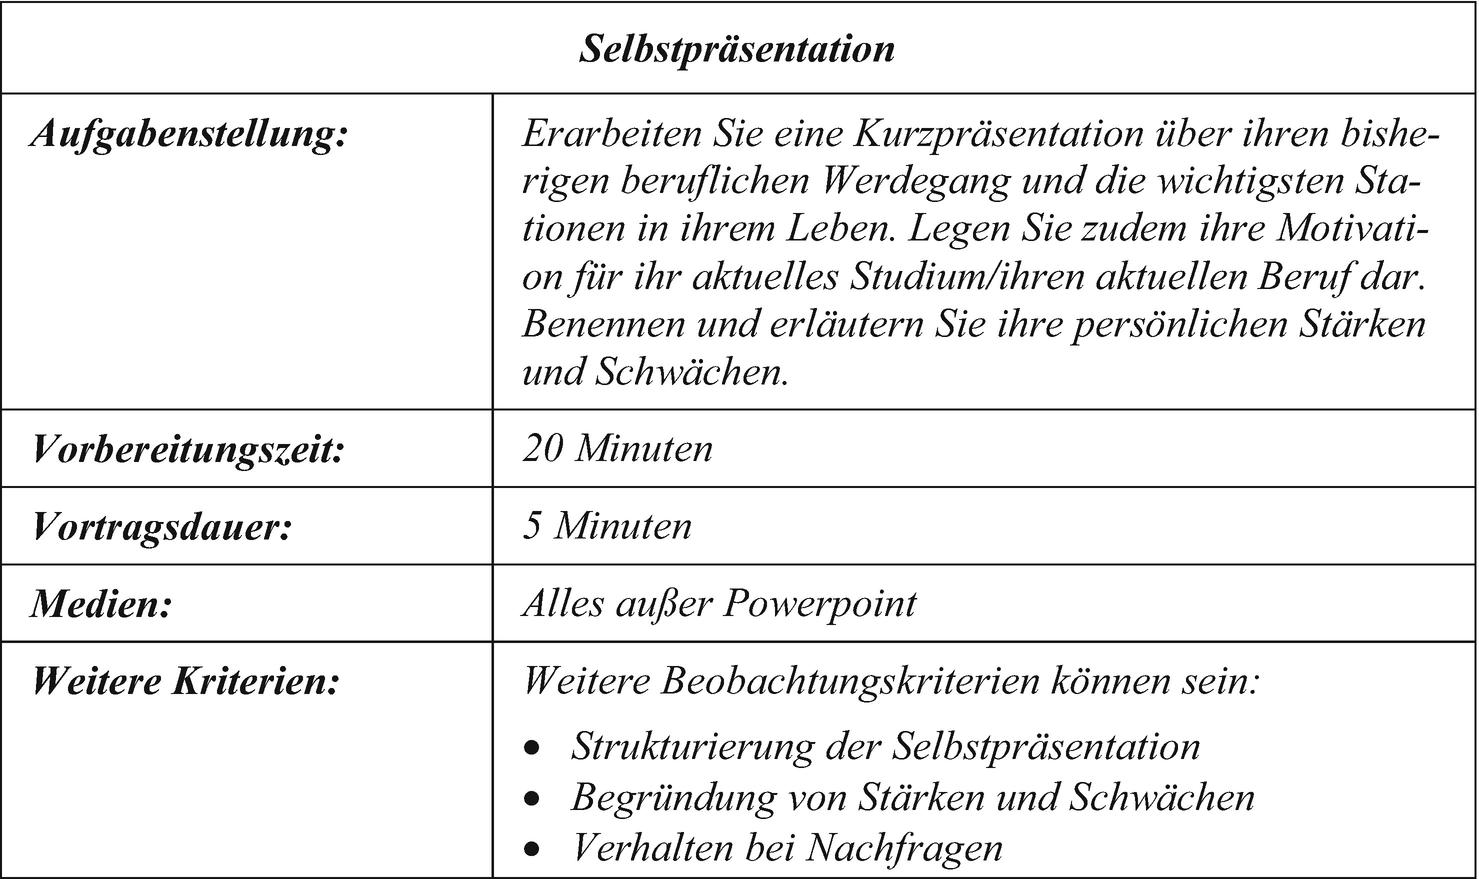 39 Angenehm Powerpoint Vorlage Selbstprasentation 5